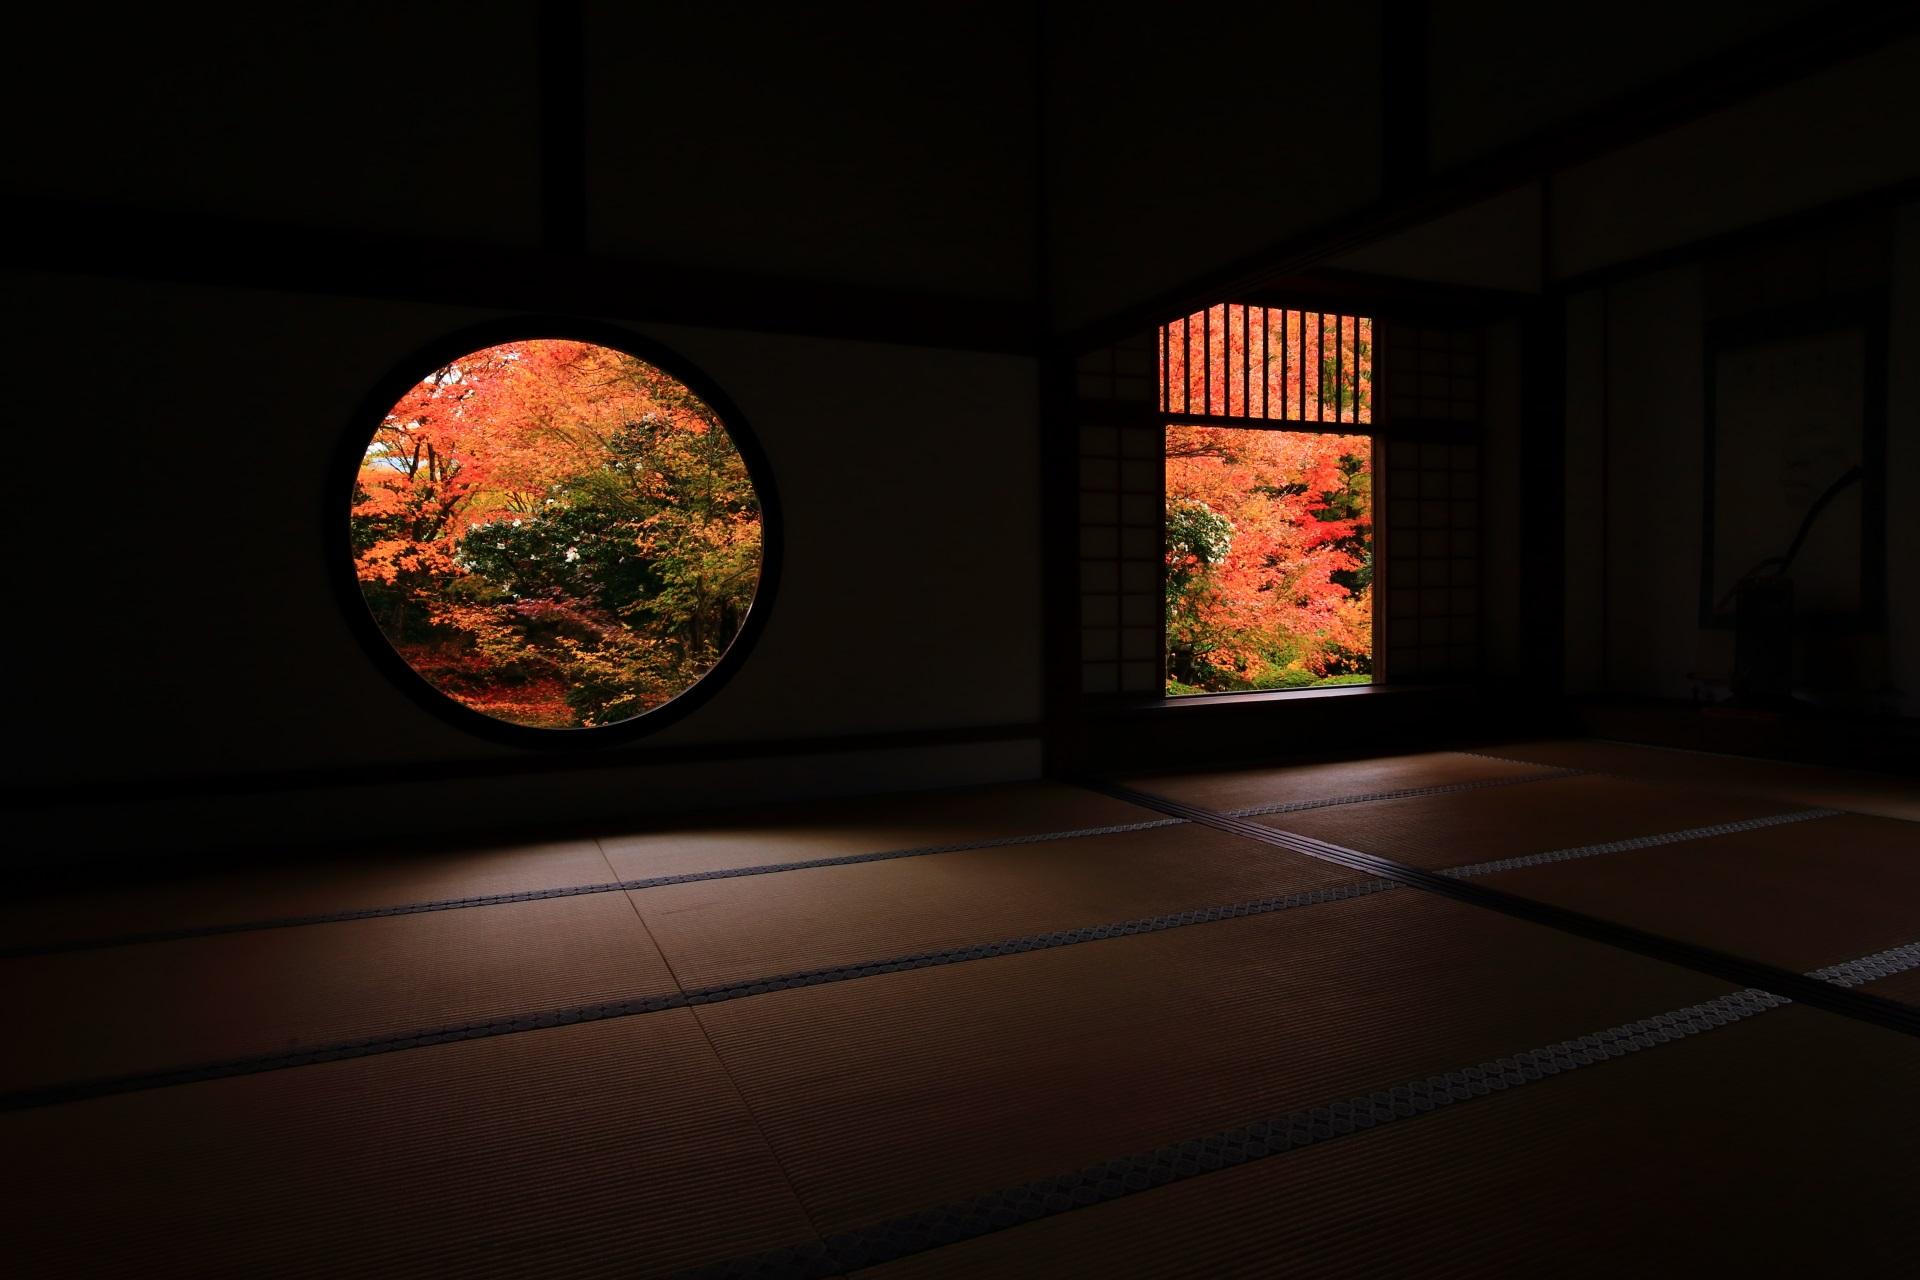 有名な丸い「悟りの窓」と四角い「迷いの窓」の紅葉